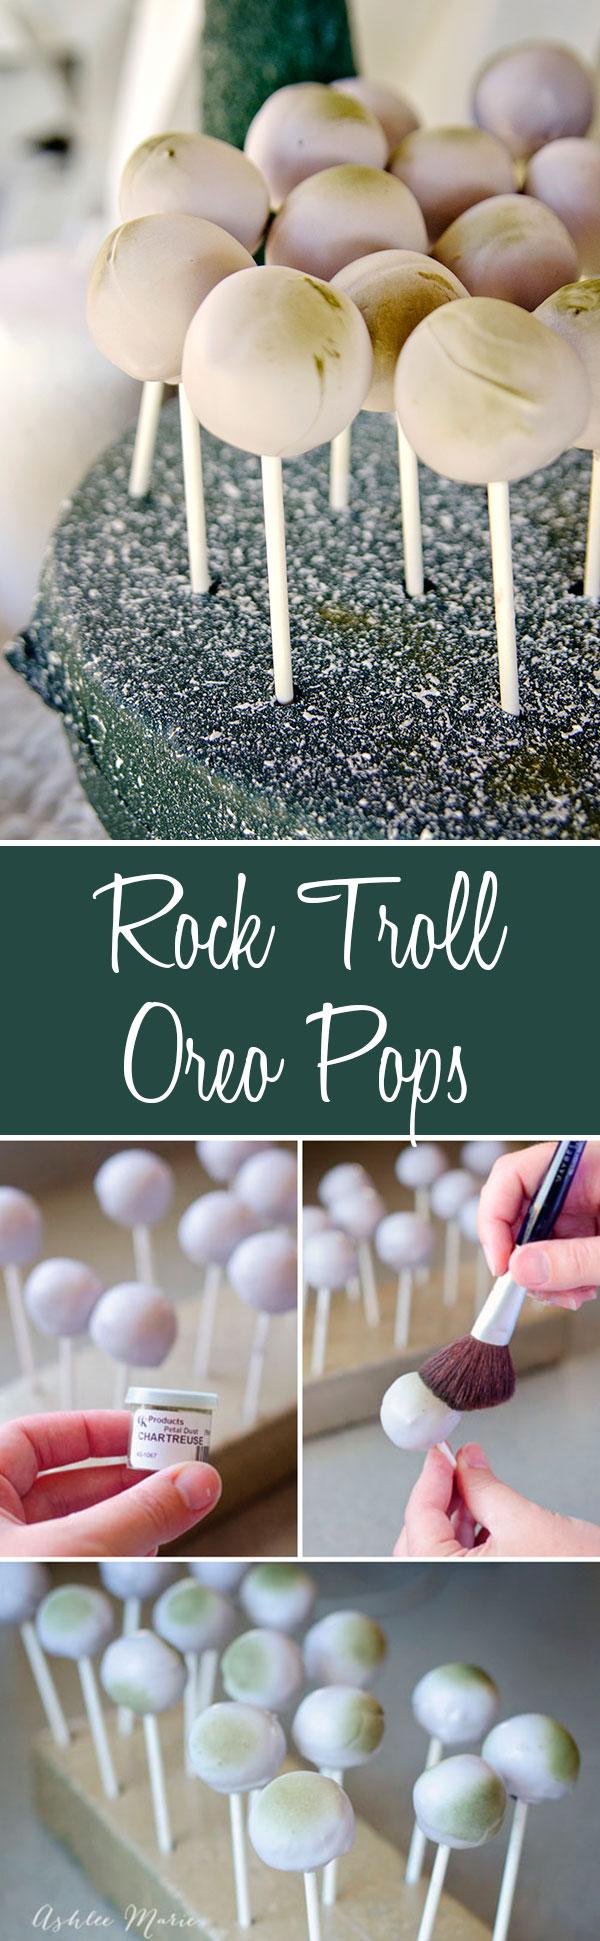 create oreo truffles that look like the rock trolls from Frozen